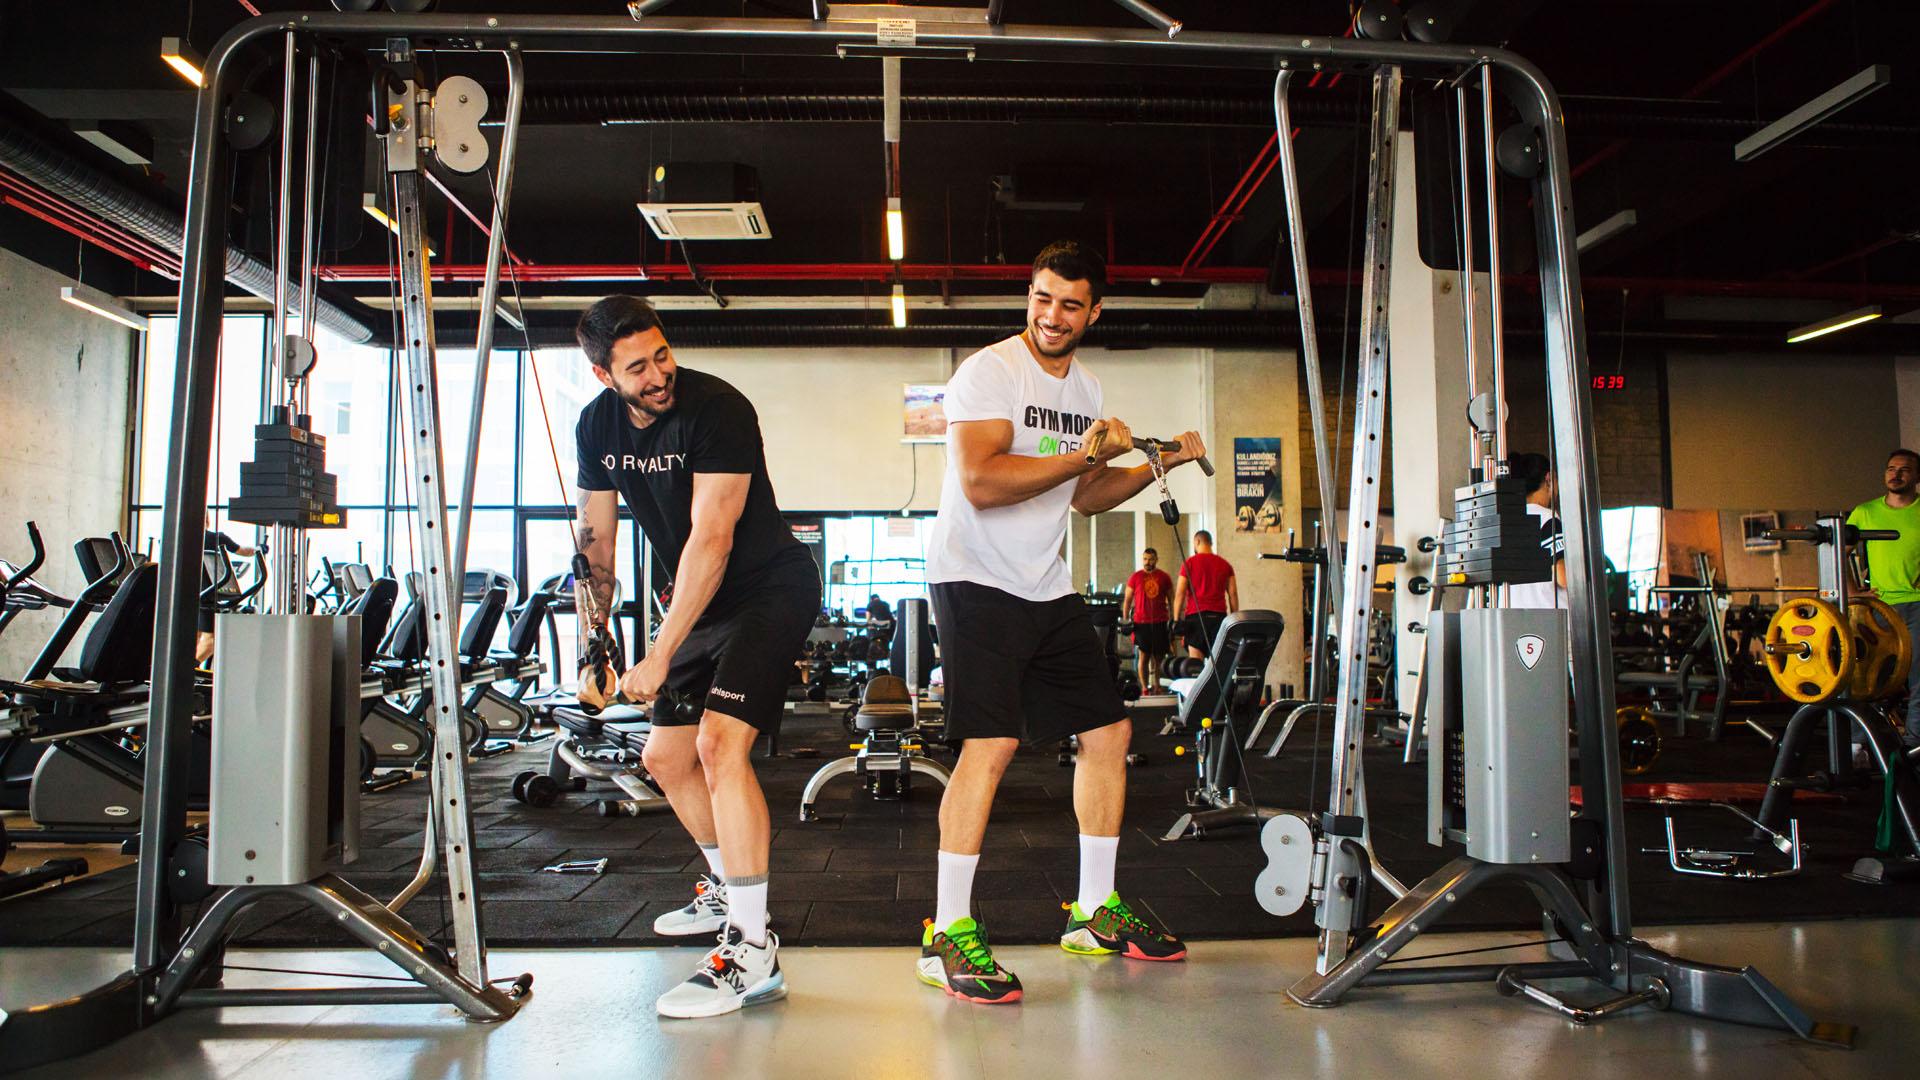 fitnessda neler gerekir, fitness çantası hazırlama, fitness çantasında olması gerekenler